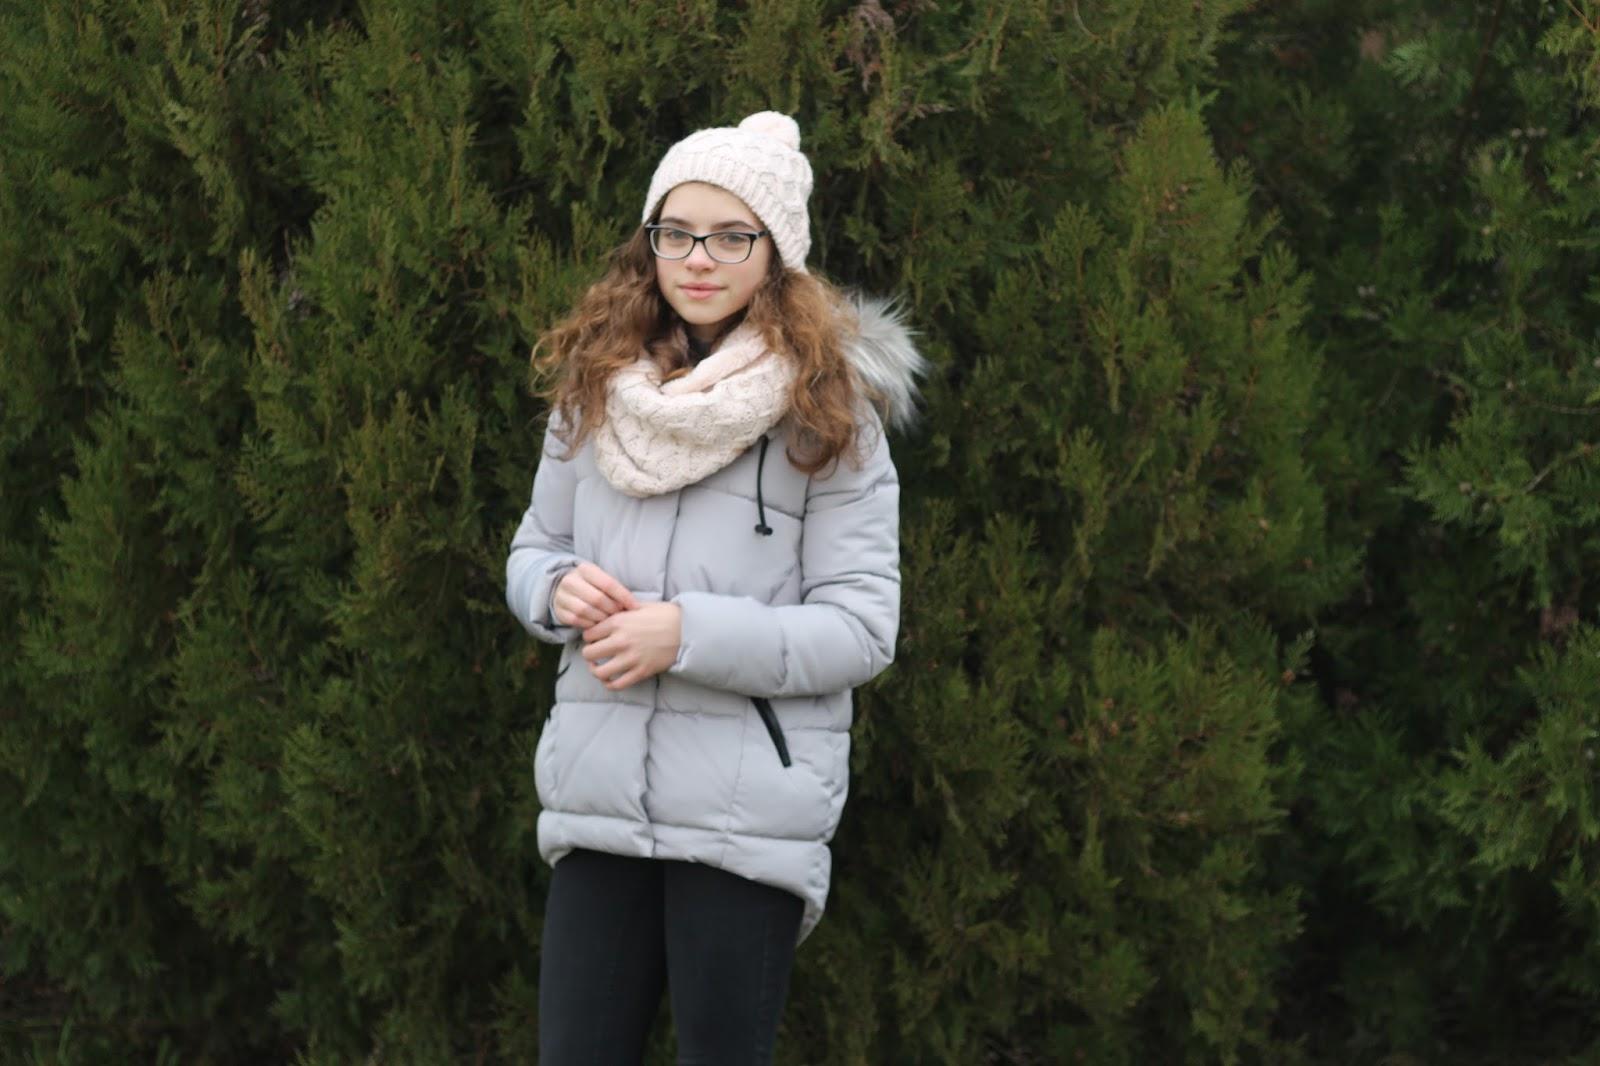 Winter look        |         Asia Knebel blog